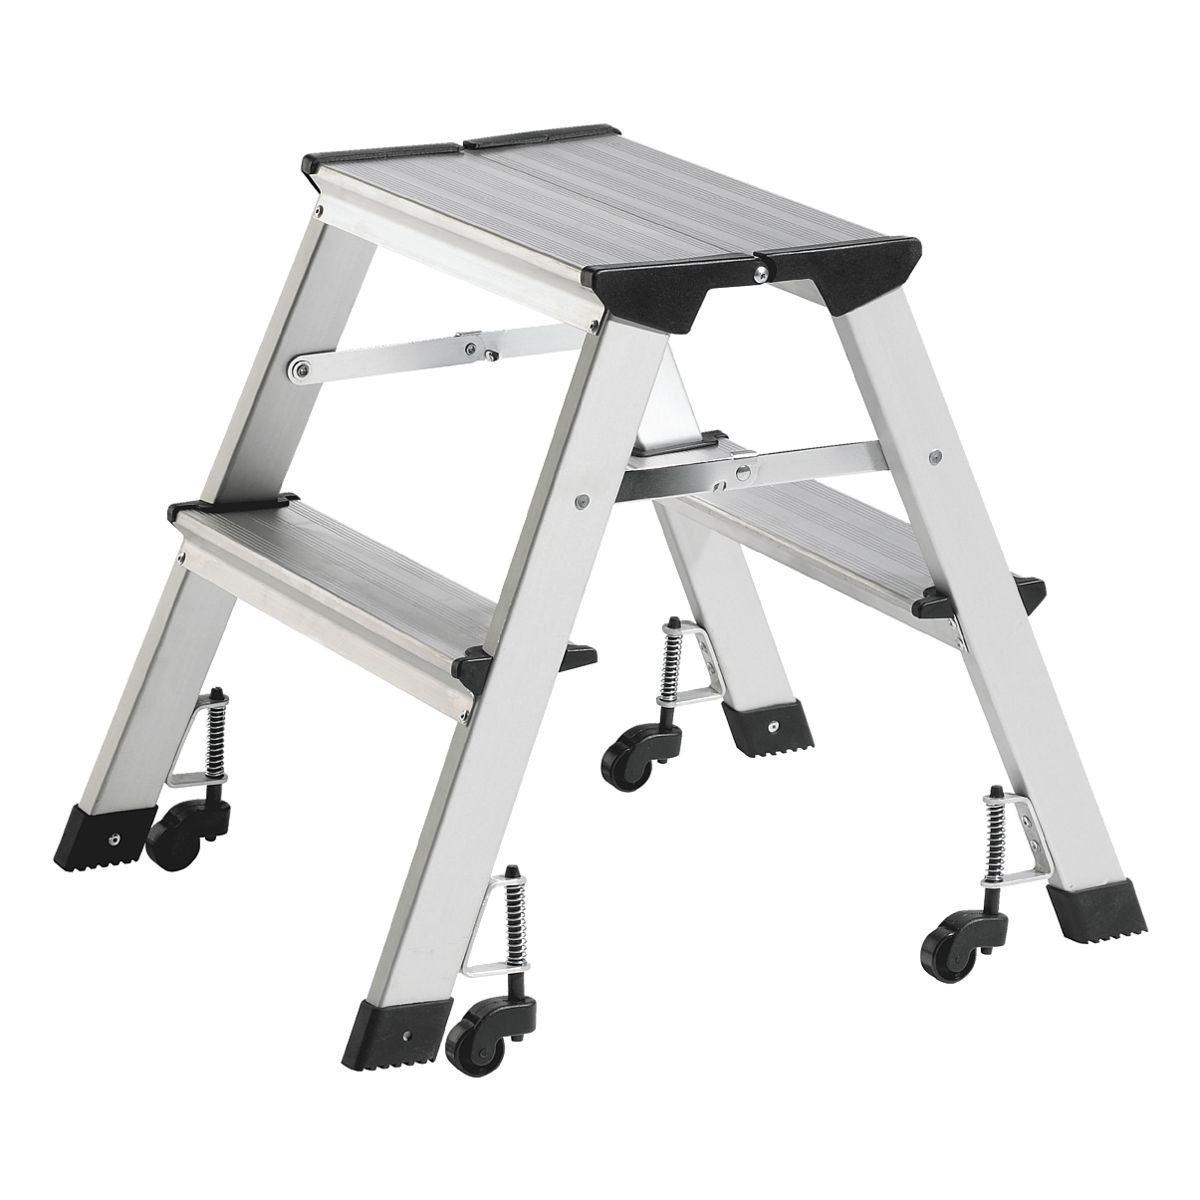 Alco Mobile Trittleiter | Baumarkt > Leitern und Treppen > Trittleiter | ALCO